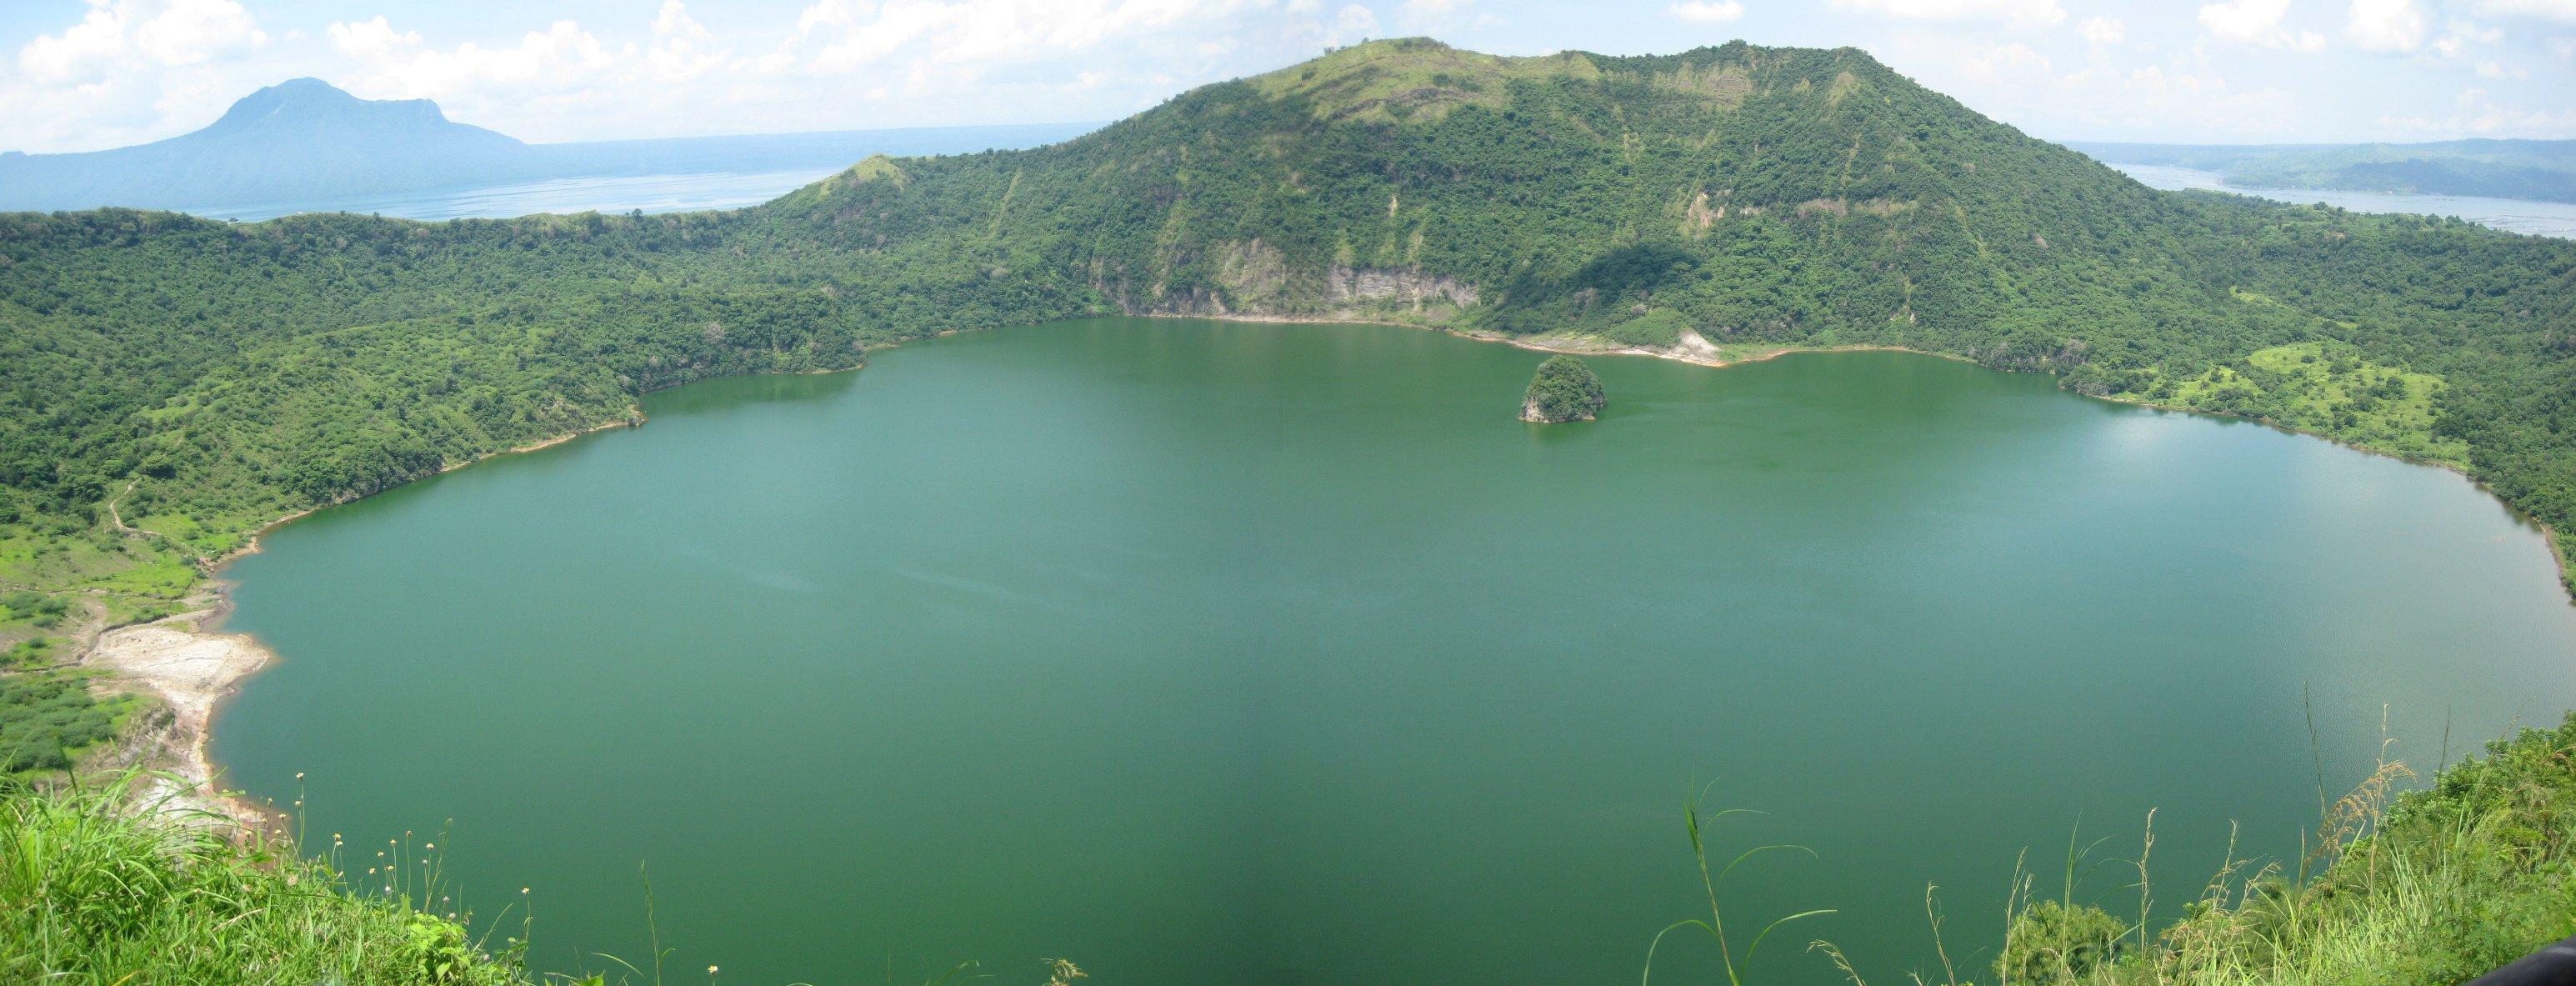 One Island Lake Bc Ites A